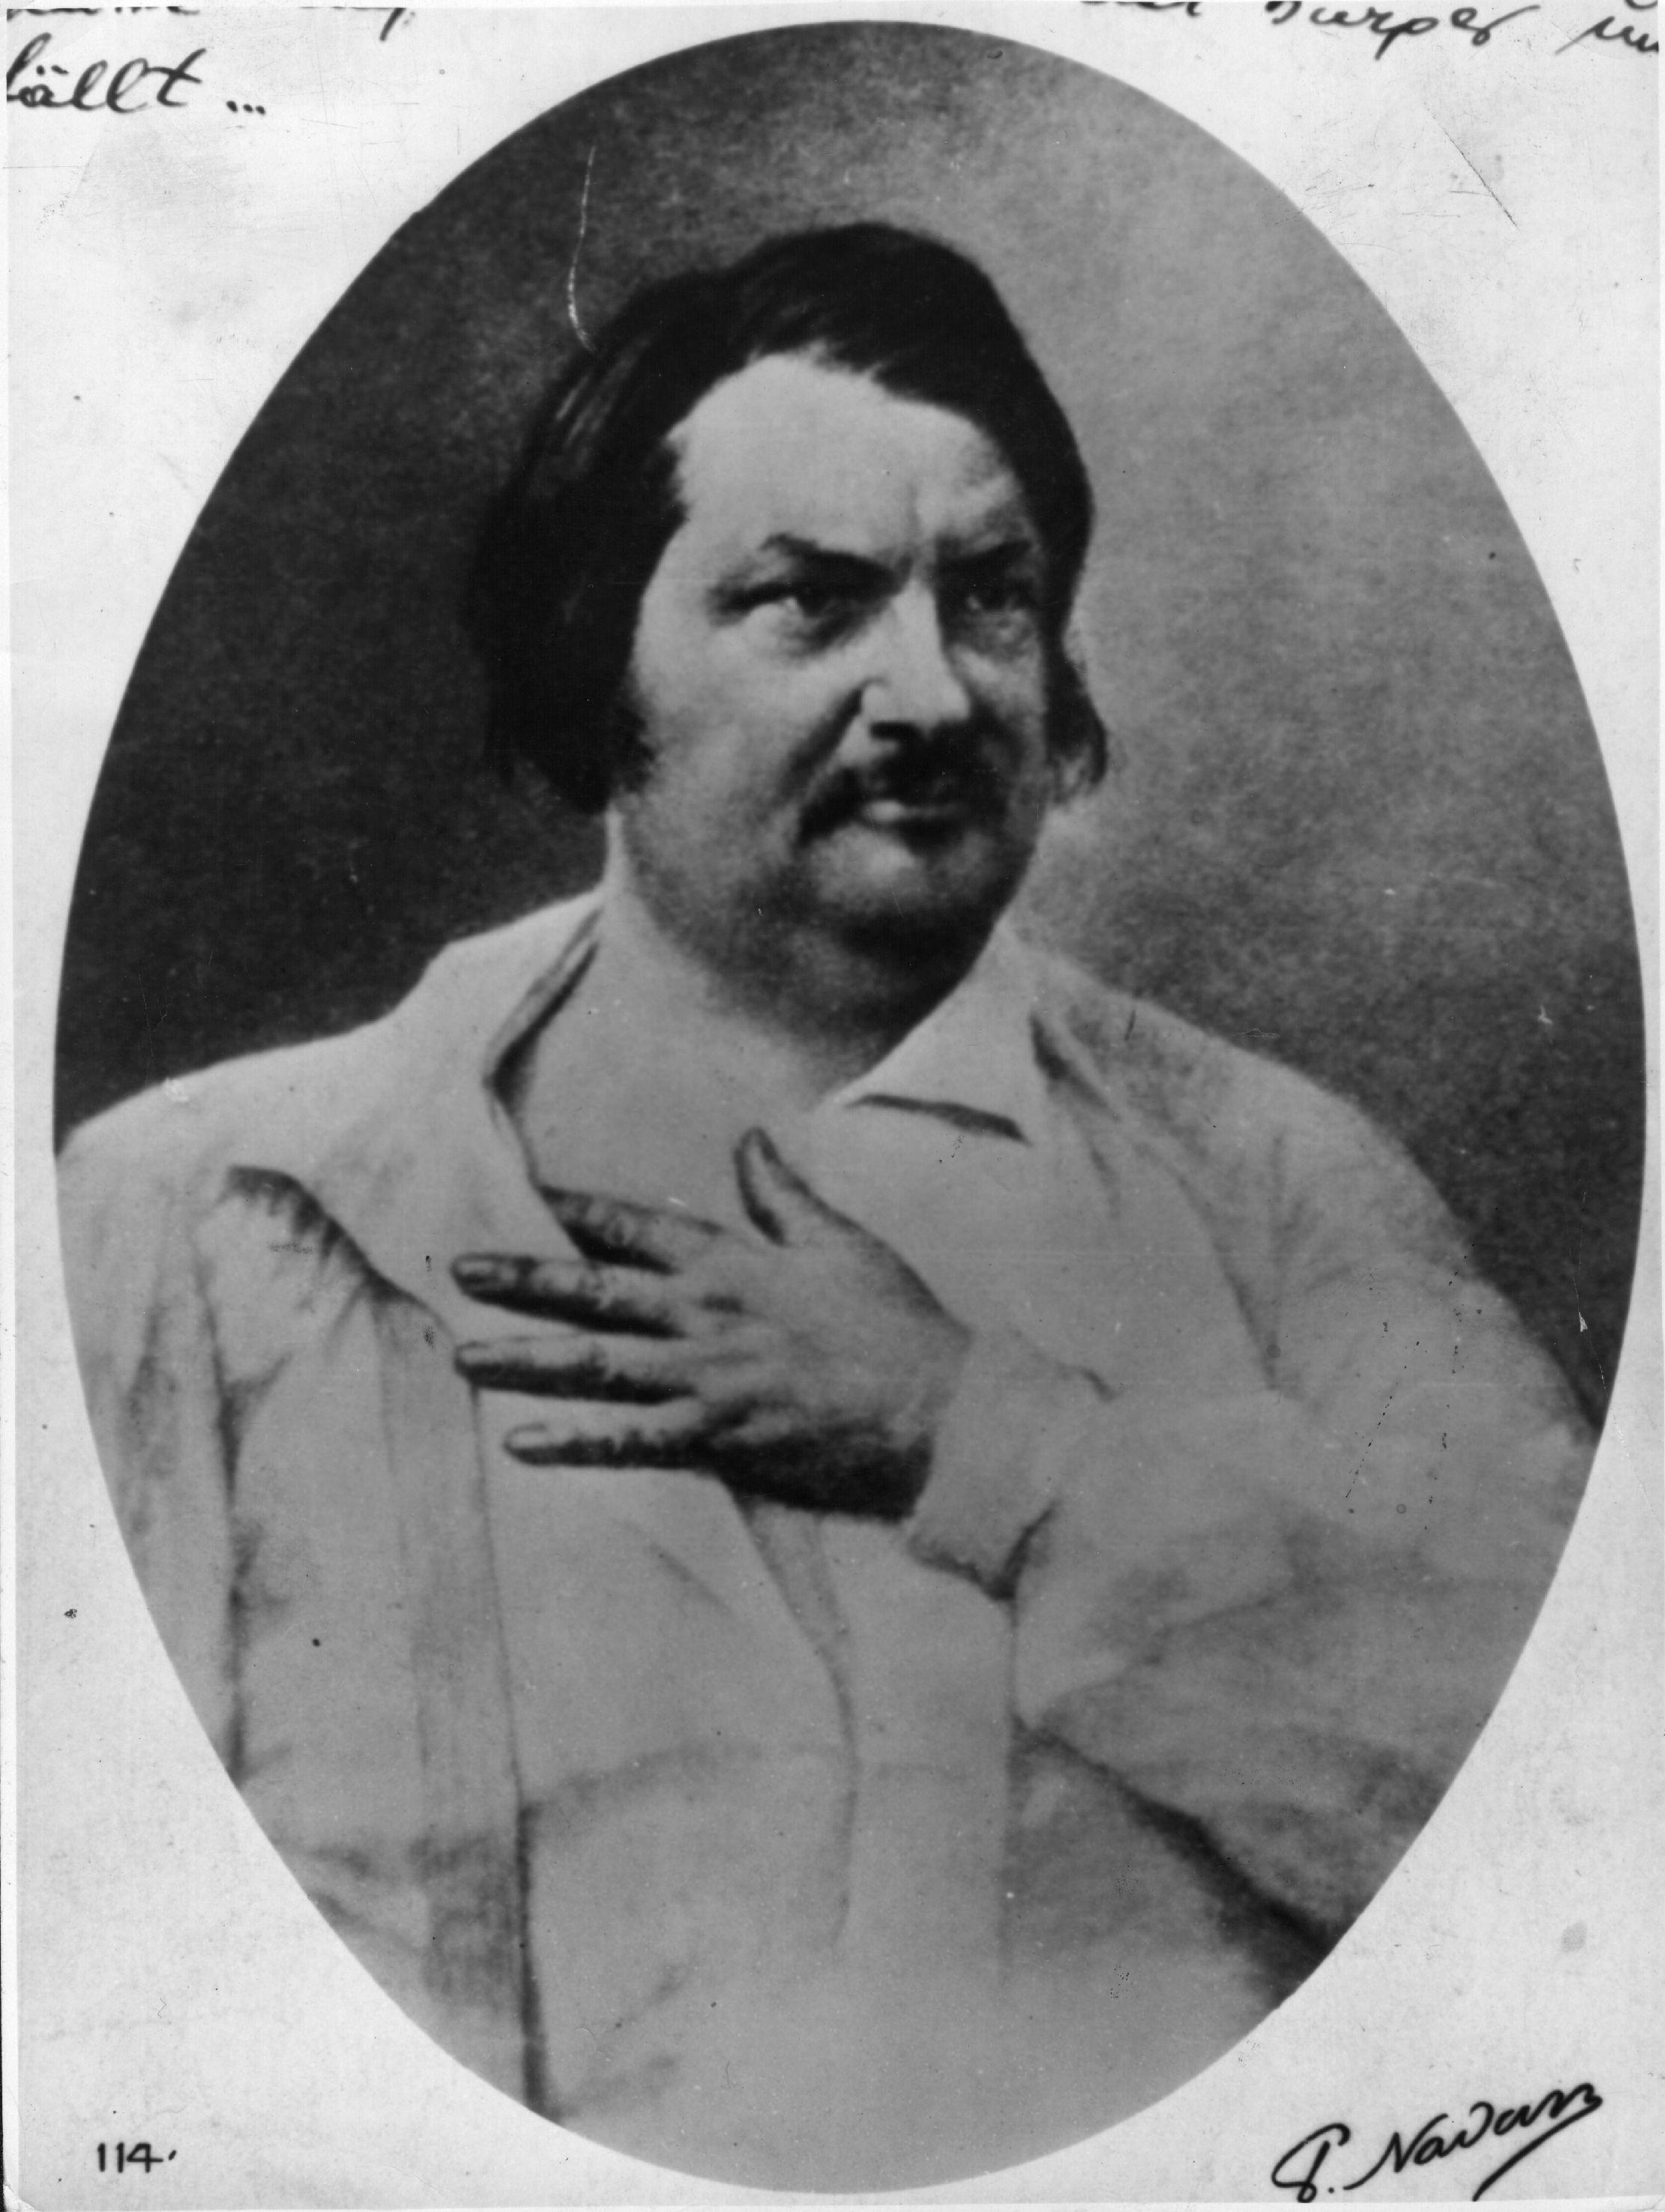 """Оноре дьо Балзак<br /> <br /> """"Ако не беше кафето, нямаше да мога да пиша, което е същото като да не мога да живея"""", казва френският писател Оноре дьо Балзак. Той наистина има предвид точно това, което казва, защото едва ли е имало минута, в която да не пие кафе. Изчислено е, че Балзак е изпивал по 50 чаши кафе на ден. Може би се чудите как някой може да заспи с толкова кофеин в организма, но така му е харесвало. Всеки ден той се будел в 1 сутринта и можел веднага да се захване с писане."""